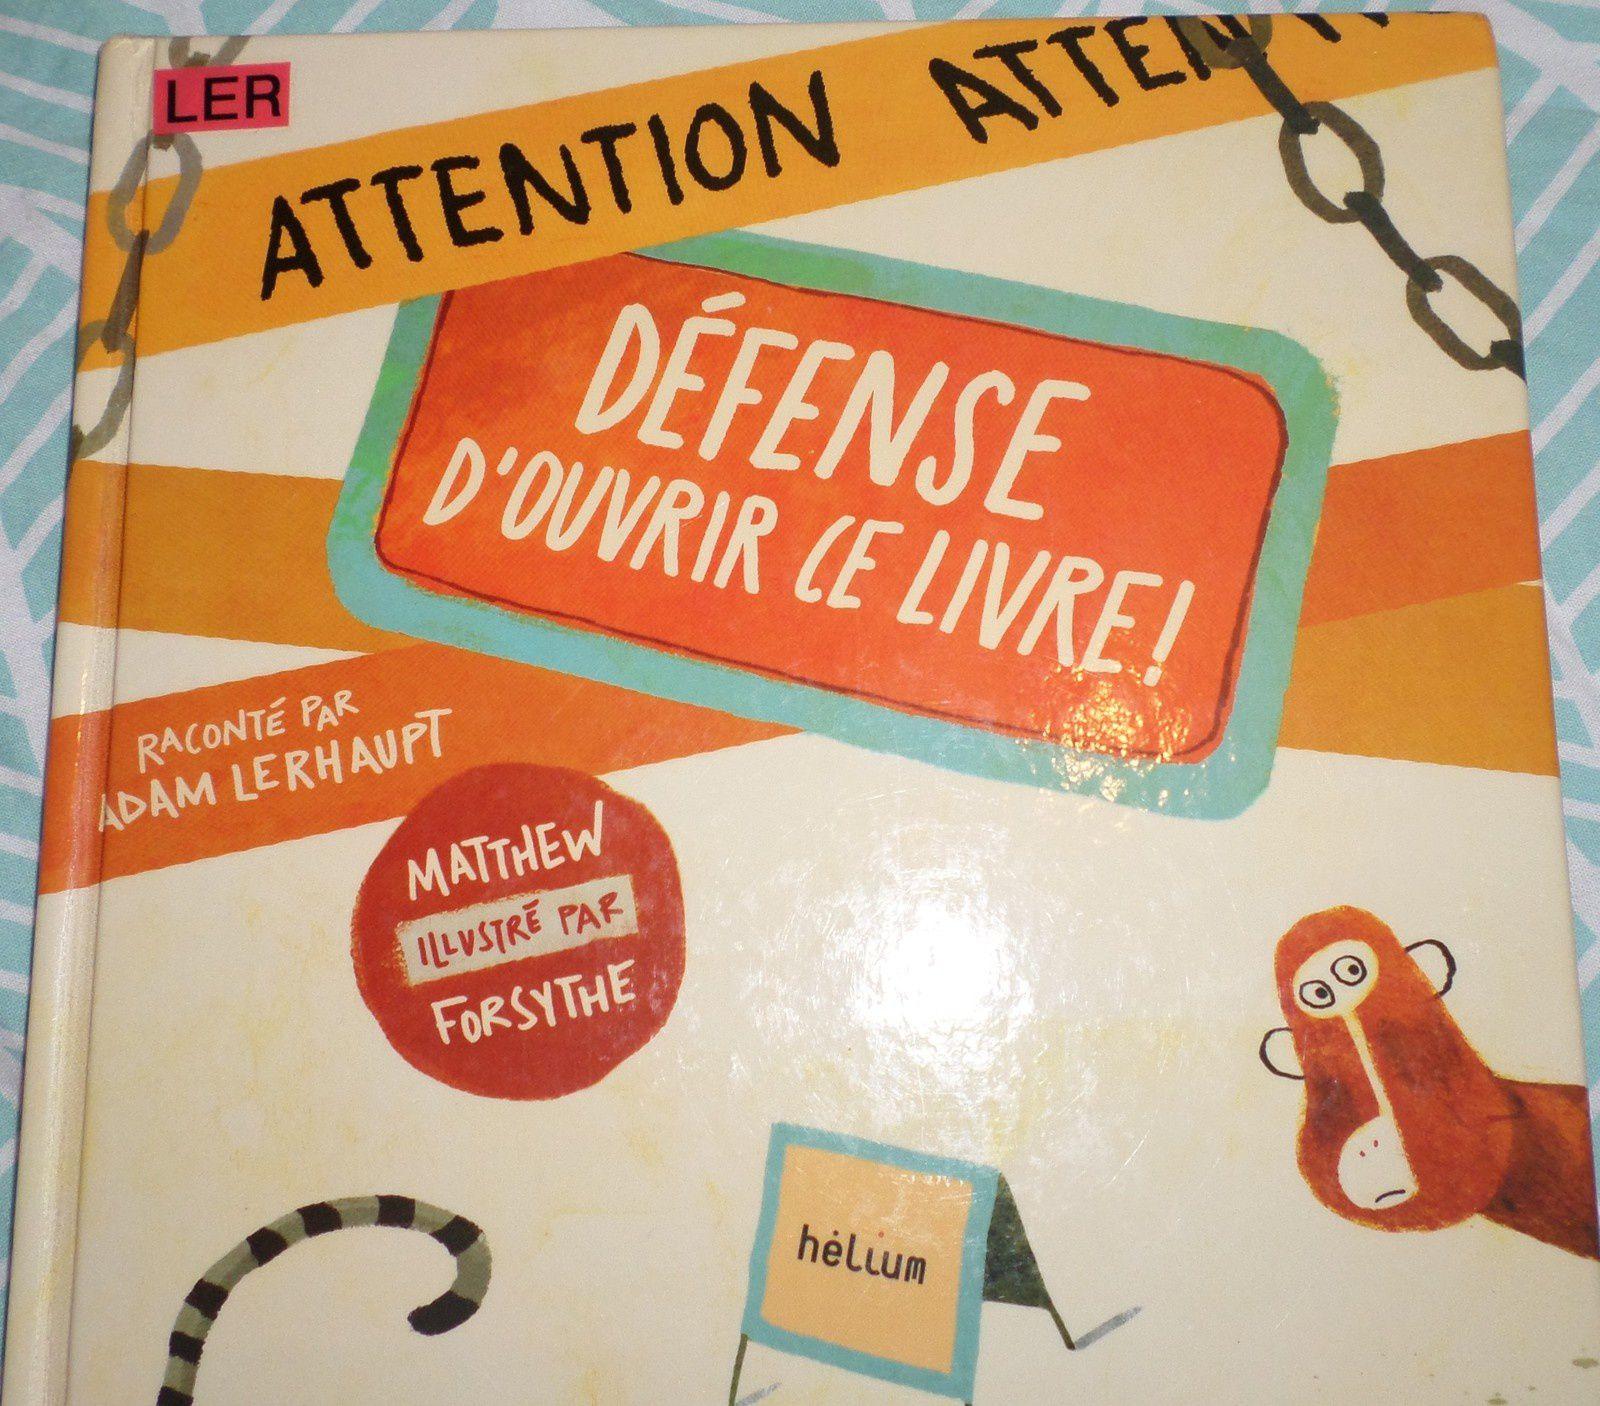 [Chut les enfants lisent #4 ]Défense d'ouvrir ce livre